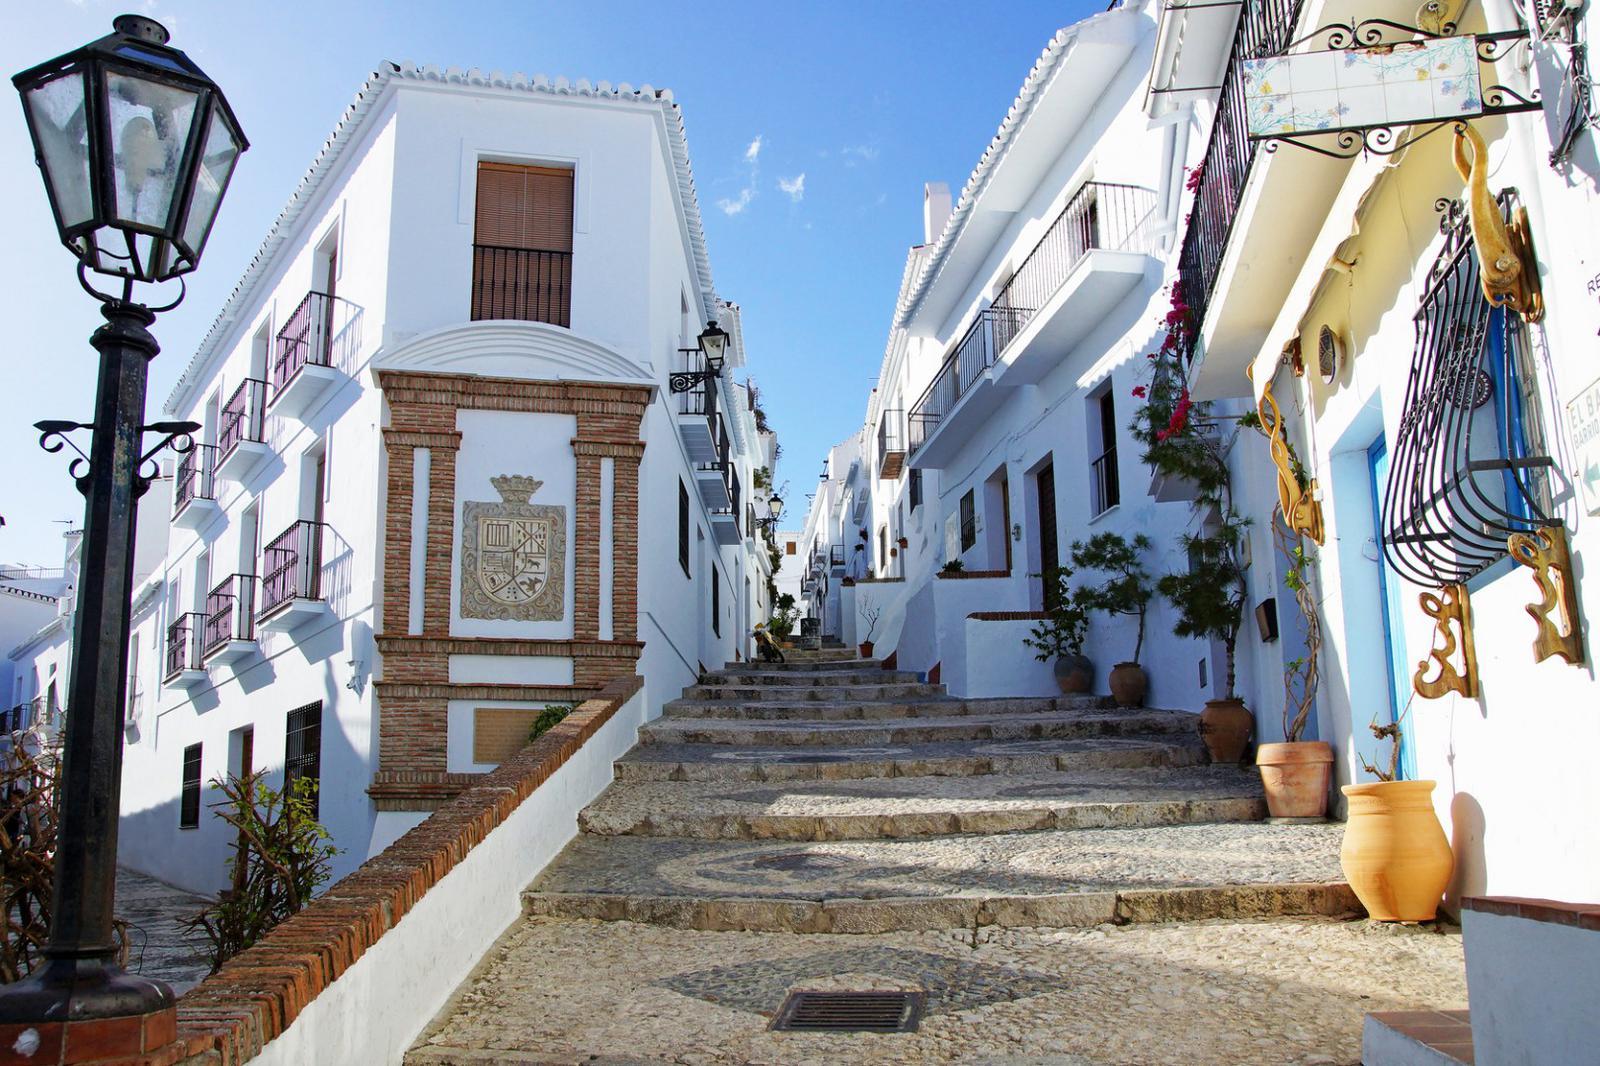 pueblos andaluces con encanto rue de Frigiliana